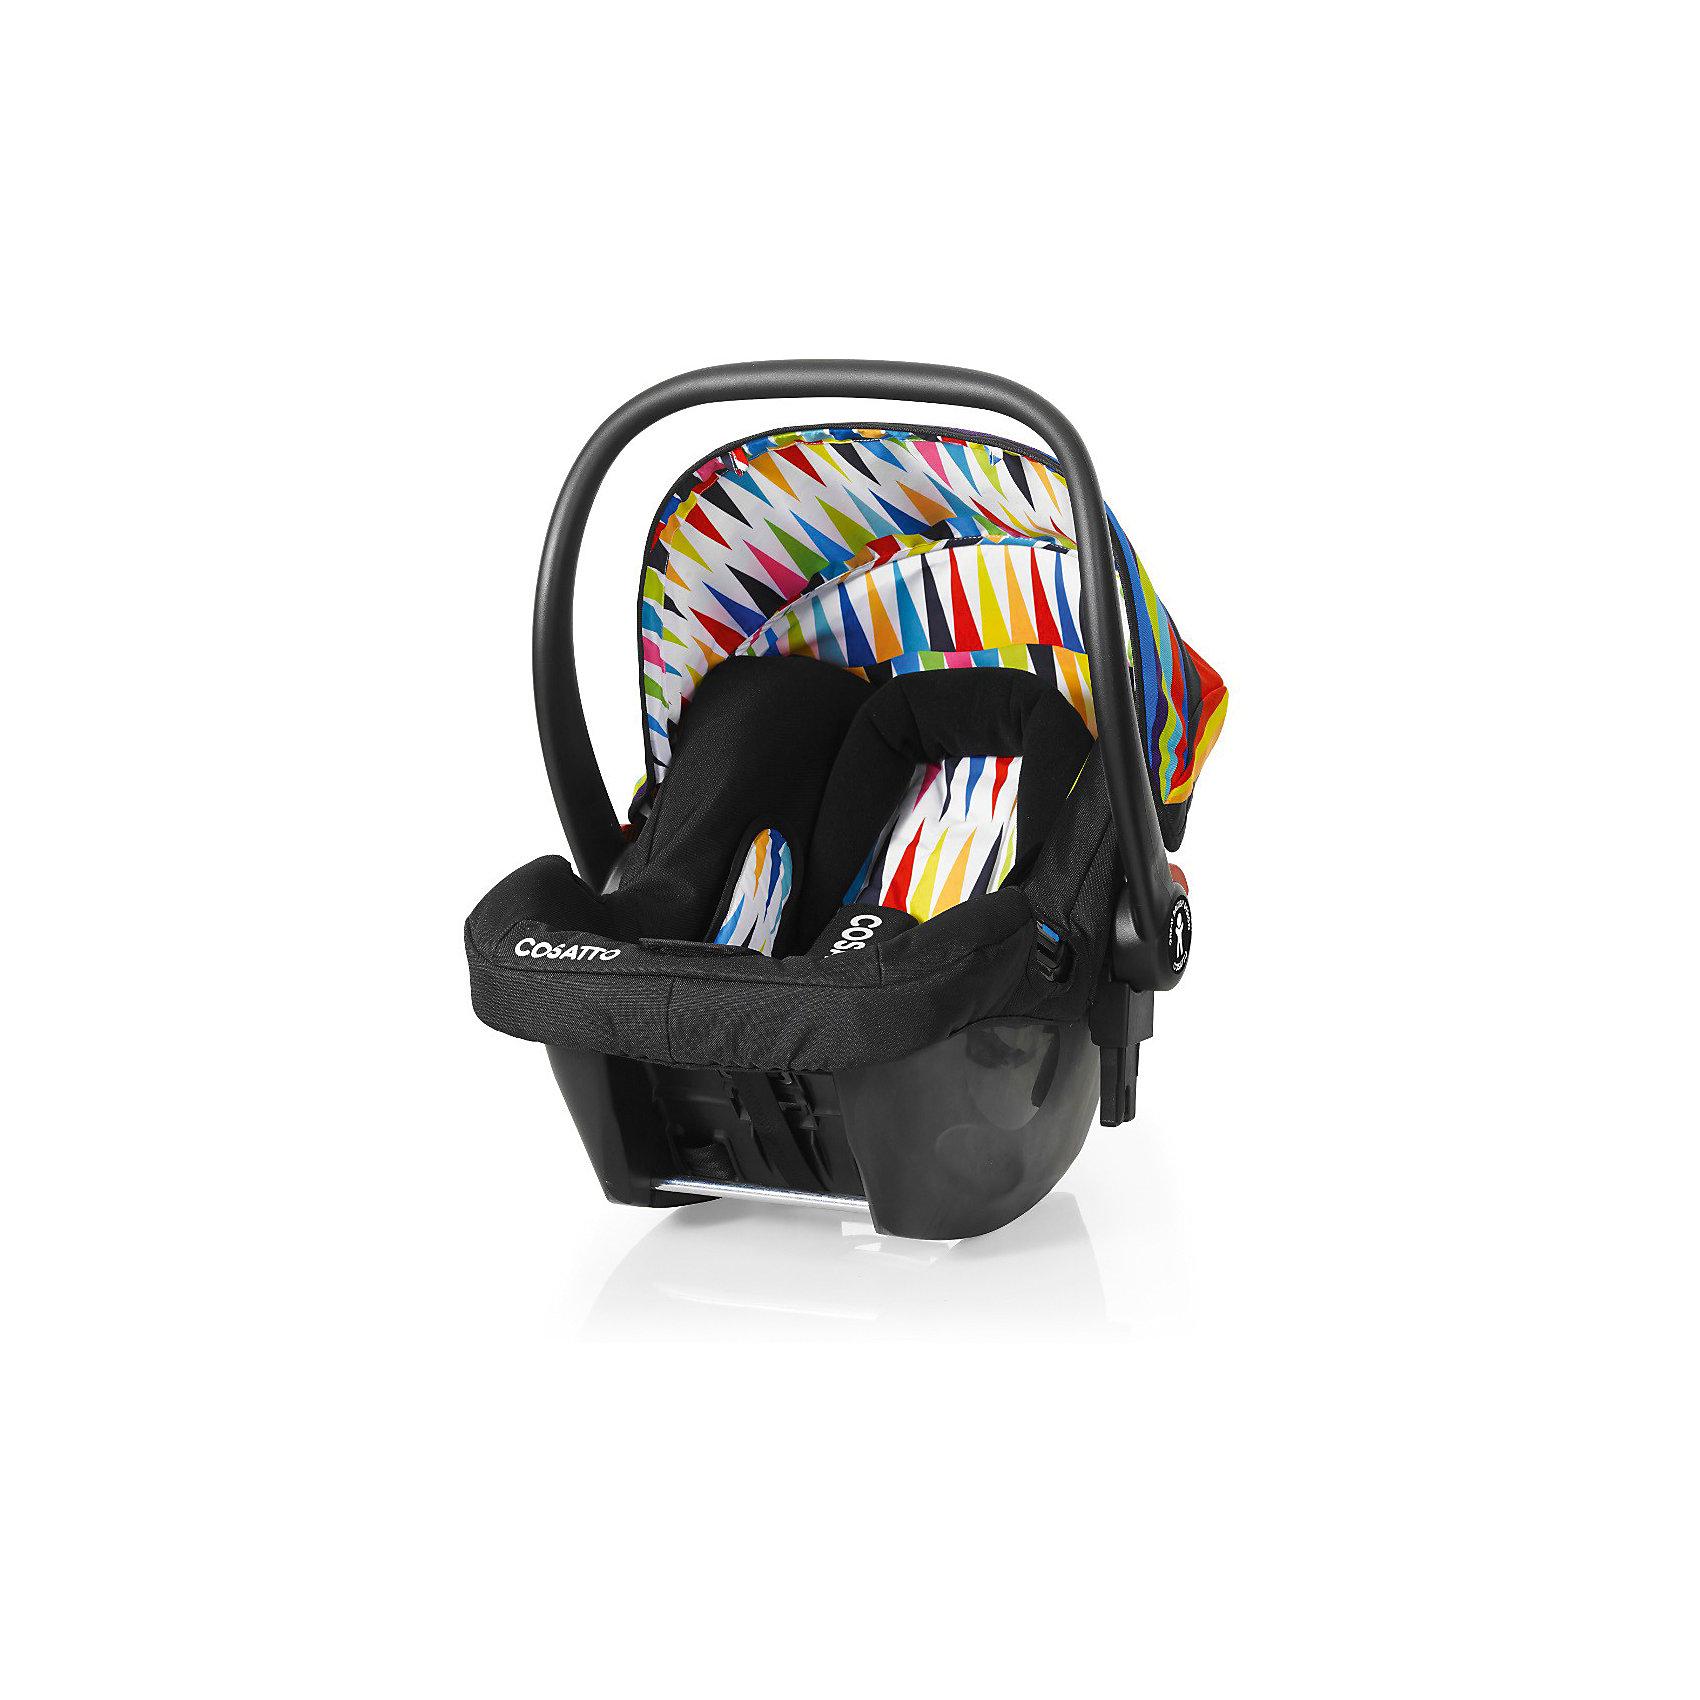 Автокресло Cosatto Hold 0-13 кг, Go BrightlyГруппа 0+ (До 13 кг)<br>Характеристики автокресла Hold Cosatto:<br><br>• группа 0+;<br>• вес ребенка: до 13 кг;<br>• возраст ребенка: от рождения до 12 месяцев;<br>• способ установки: против хода движения автомобиля;<br>• способ крепления: штатными ремнями безопасности автомобиля;<br>• есть возможность установить автокресло на базу с системой крепления Isofix - база приобретается отдельно;<br>• 5-ти точечные ремни безопасности с мягкими накладками;<br>• регулируемый защитный капор;<br>• анатомический вкладыш для новорожденного;<br>• в комплекте с автокреслом идет дождевик;<br>• пластиковая ручка, автолюлька используется как переноска, положение ручки меняется;<br>• автокресло можно использовать как кресло-качалку;<br>• чтобы зафиксировать кресло, необходимо изменить положение ручки и создать упор в пол;<br>• съемные чехлы, стирка при температуре 30 градусов;<br>• материал: пластик, полиэстер;<br>• стандарт безопасности: ЕСЕ R44/03.<br><br>Размер автокресла, ДхШхВ: 70х44х60 см<br>Вес автокресла: 4,2 кг<br><br>Автокресло Hold Cosatto устанавливается как против хода движения автомобиля на заднем сиденье. Глубокая чаша просторная, малышу удобно находится в кресле даже в теплом комбинезоне. Анатомический вкладыш с подголовником снимается. Автокресло соответствует европейским стандартам безопасности. Авктокресло можно установить на раму коляски Cosatto. Адаптеры для установки автокресла на шасси коляски входят в комплект.<br><br>Автокресло 0-13 кг., HOLD, COSATTO можно купить в нашем интернет-магазине.<br><br>Ширина мм: 740<br>Глубина мм: 440<br>Высота мм: 380<br>Вес г: 6000<br>Возраст от месяцев: 0<br>Возраст до месяцев: 12<br>Пол: Унисекс<br>Возраст: Детский<br>SKU: 5025707